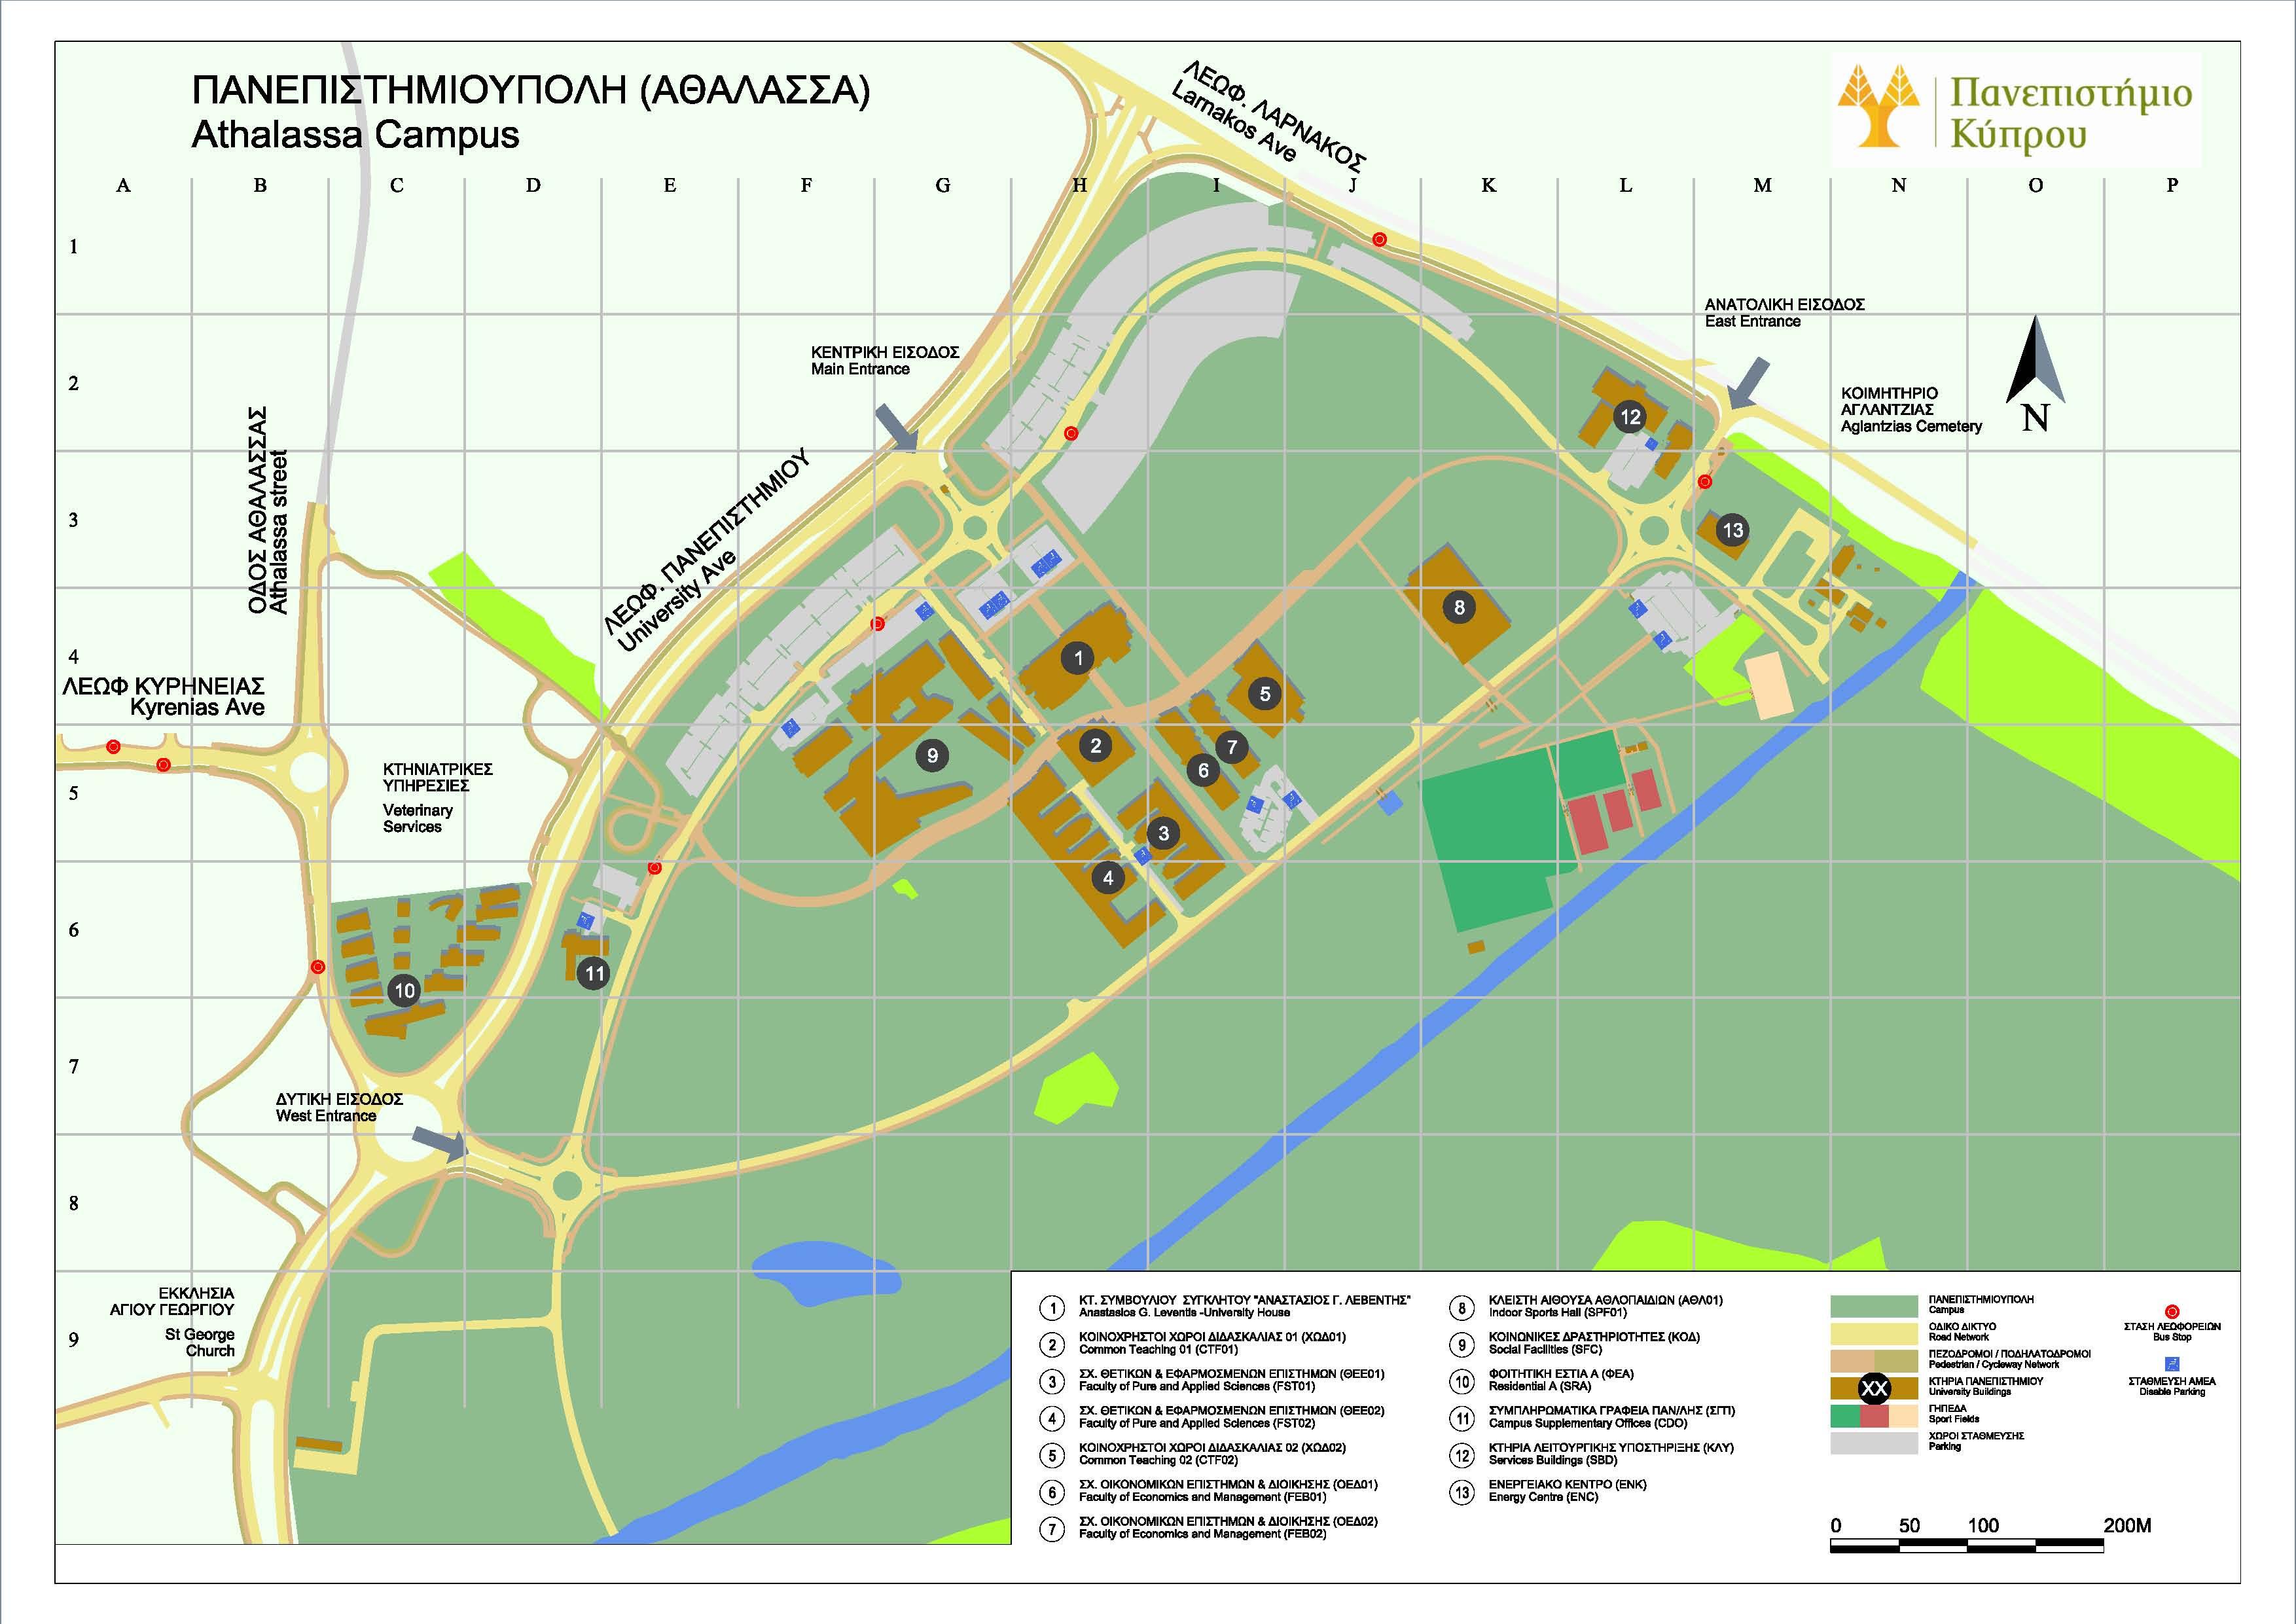 ucy-map-en